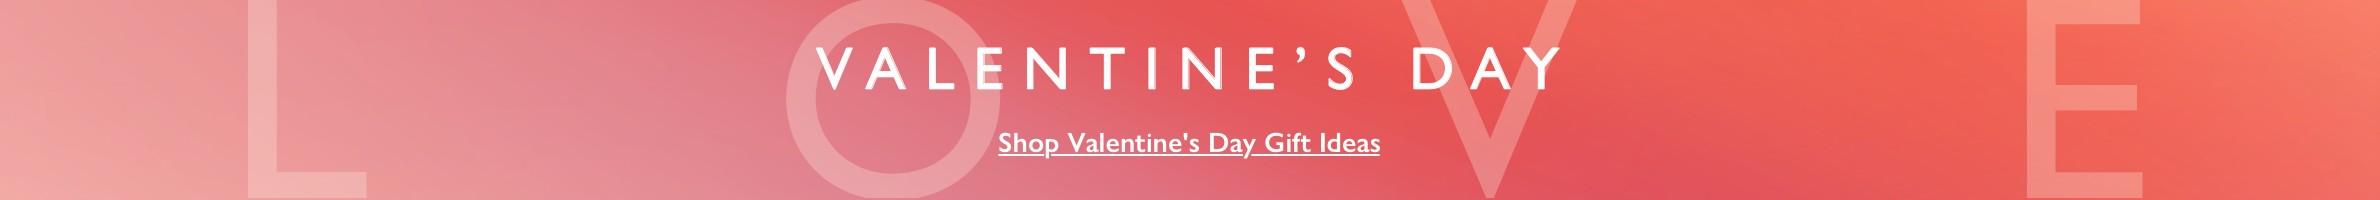 Valentines Day - Friday 14 February